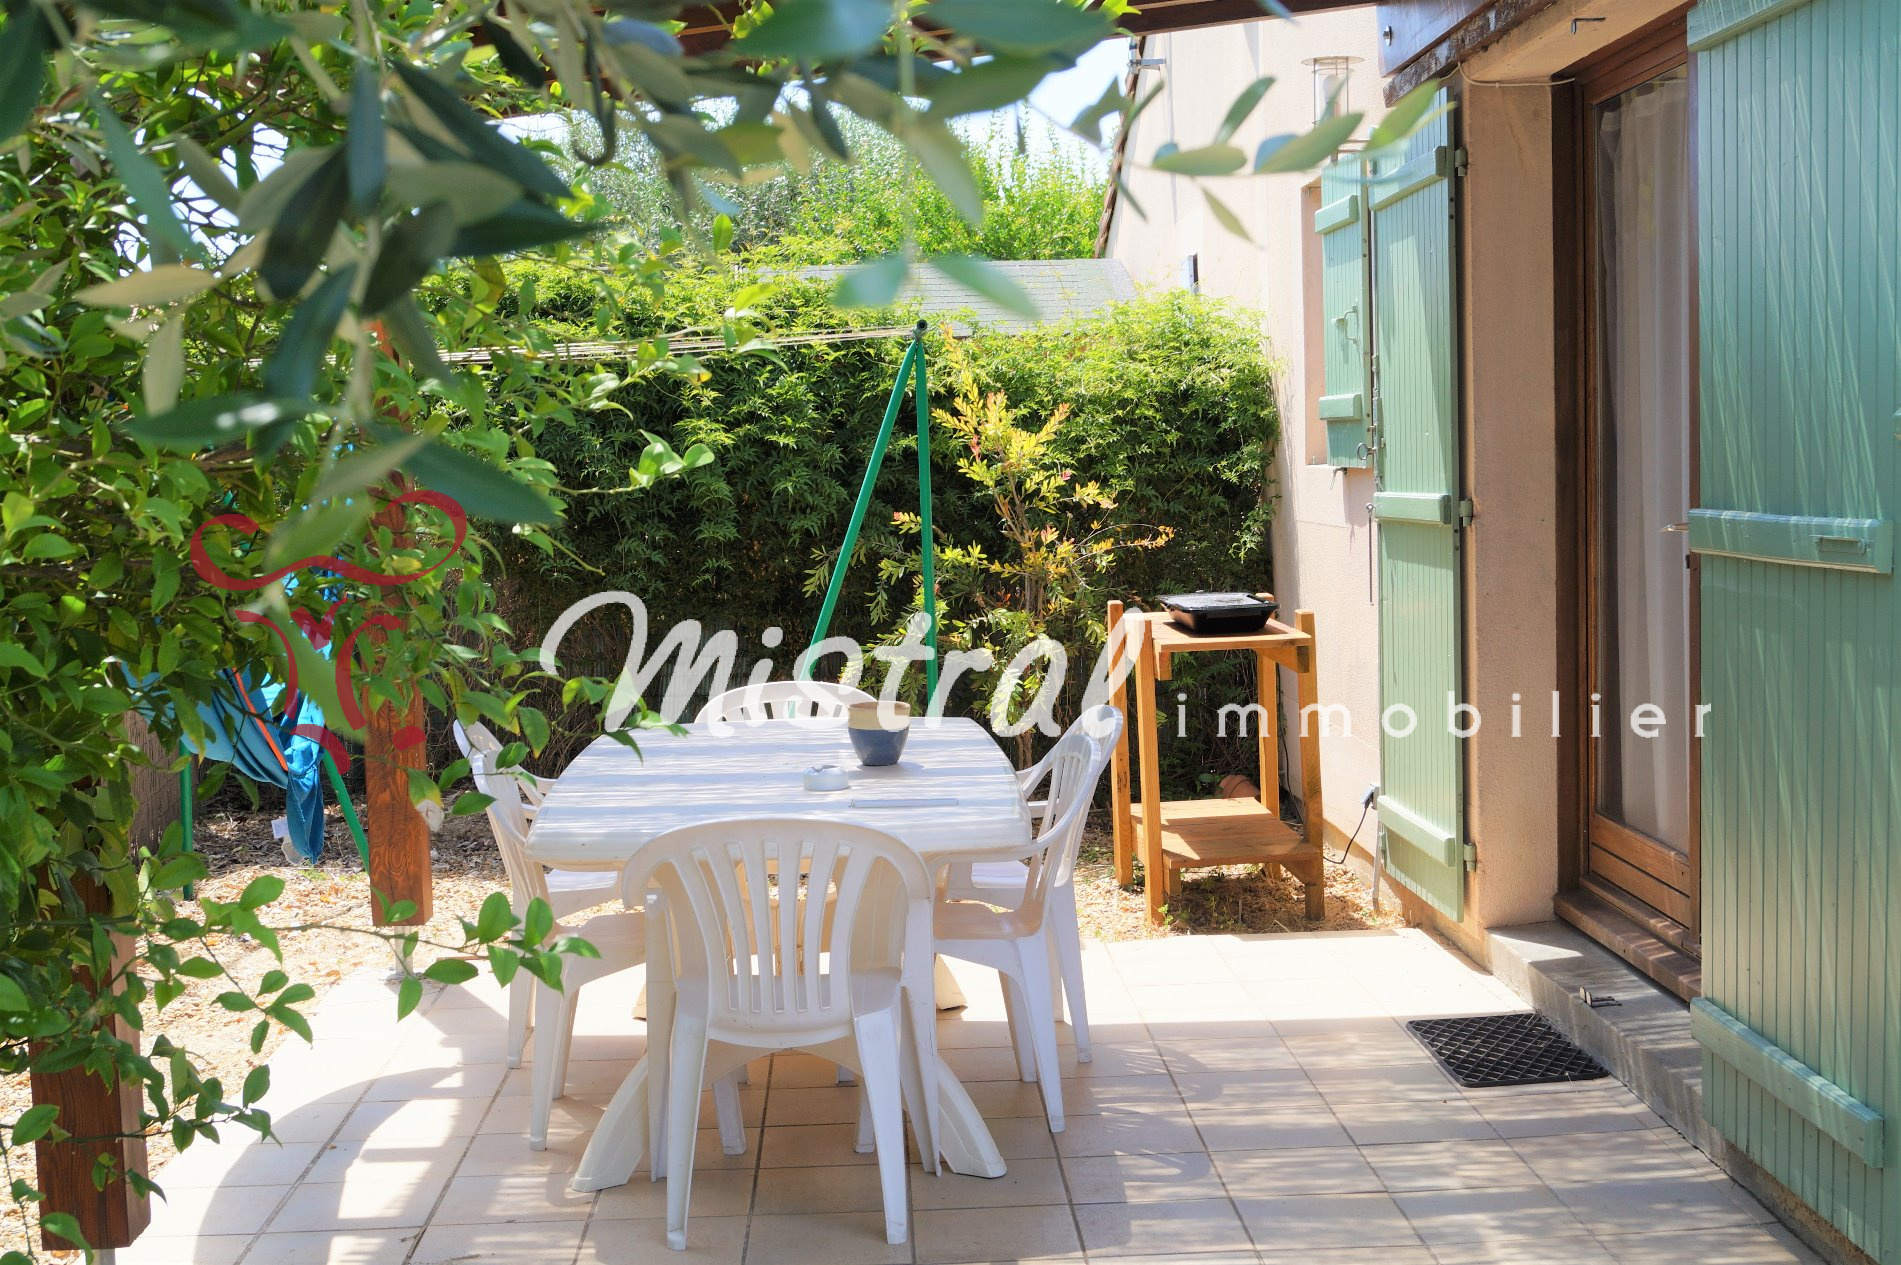 Vente maison saint laurent d 39 aigouze avec terrasse et jardin for Terrasse jardin immobilier